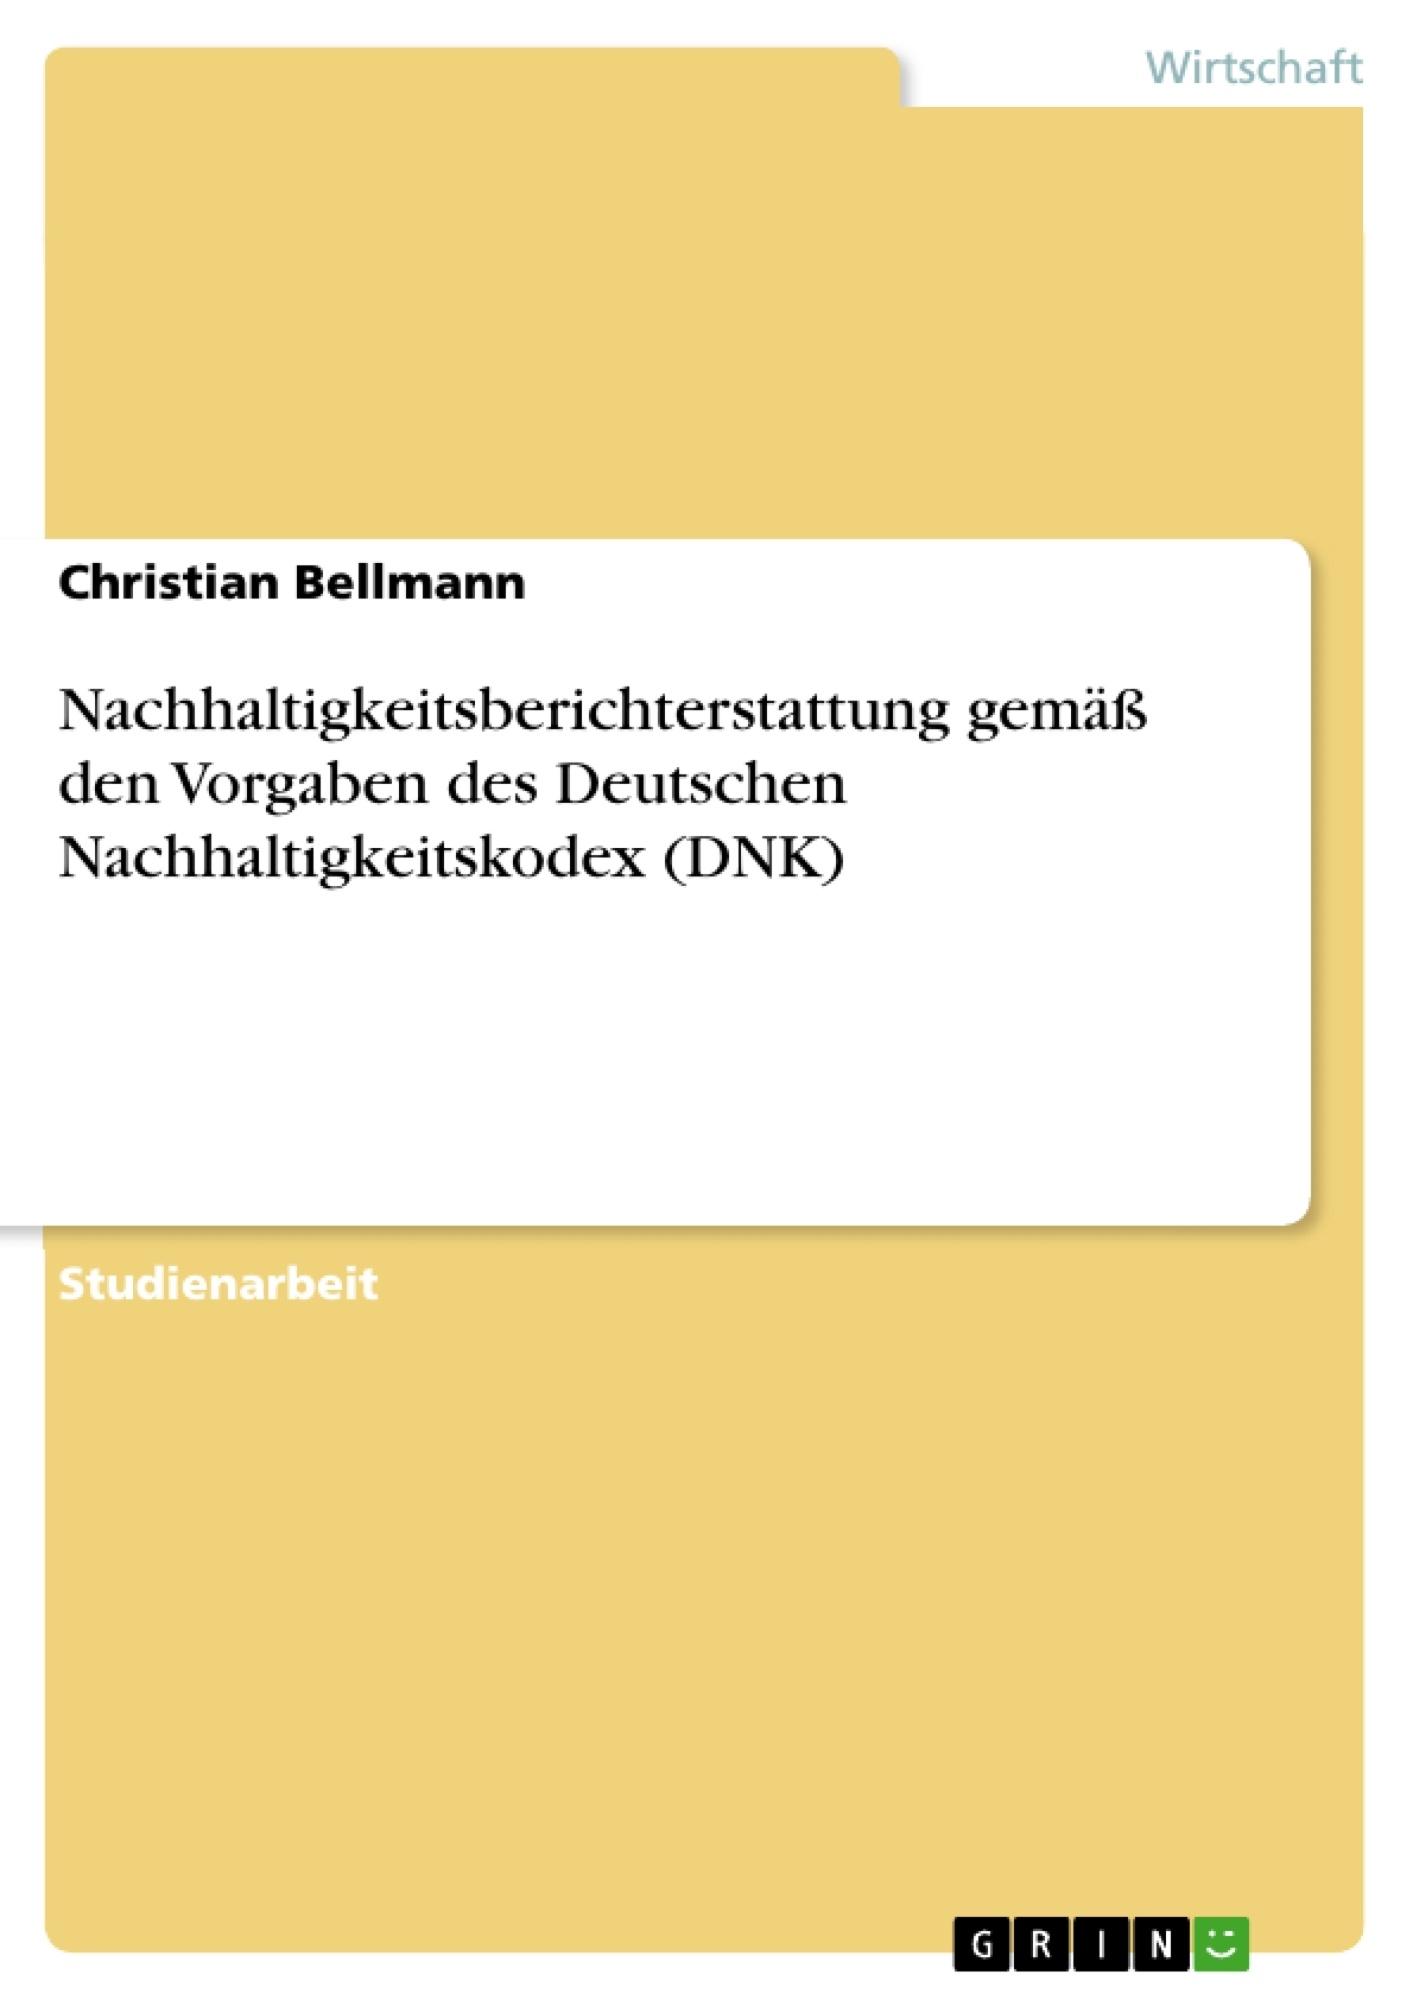 Titel: Nachhaltigkeitsberichterstattung gemäß den Vorgaben des Deutschen Nachhaltigkeitskodex (DNK)